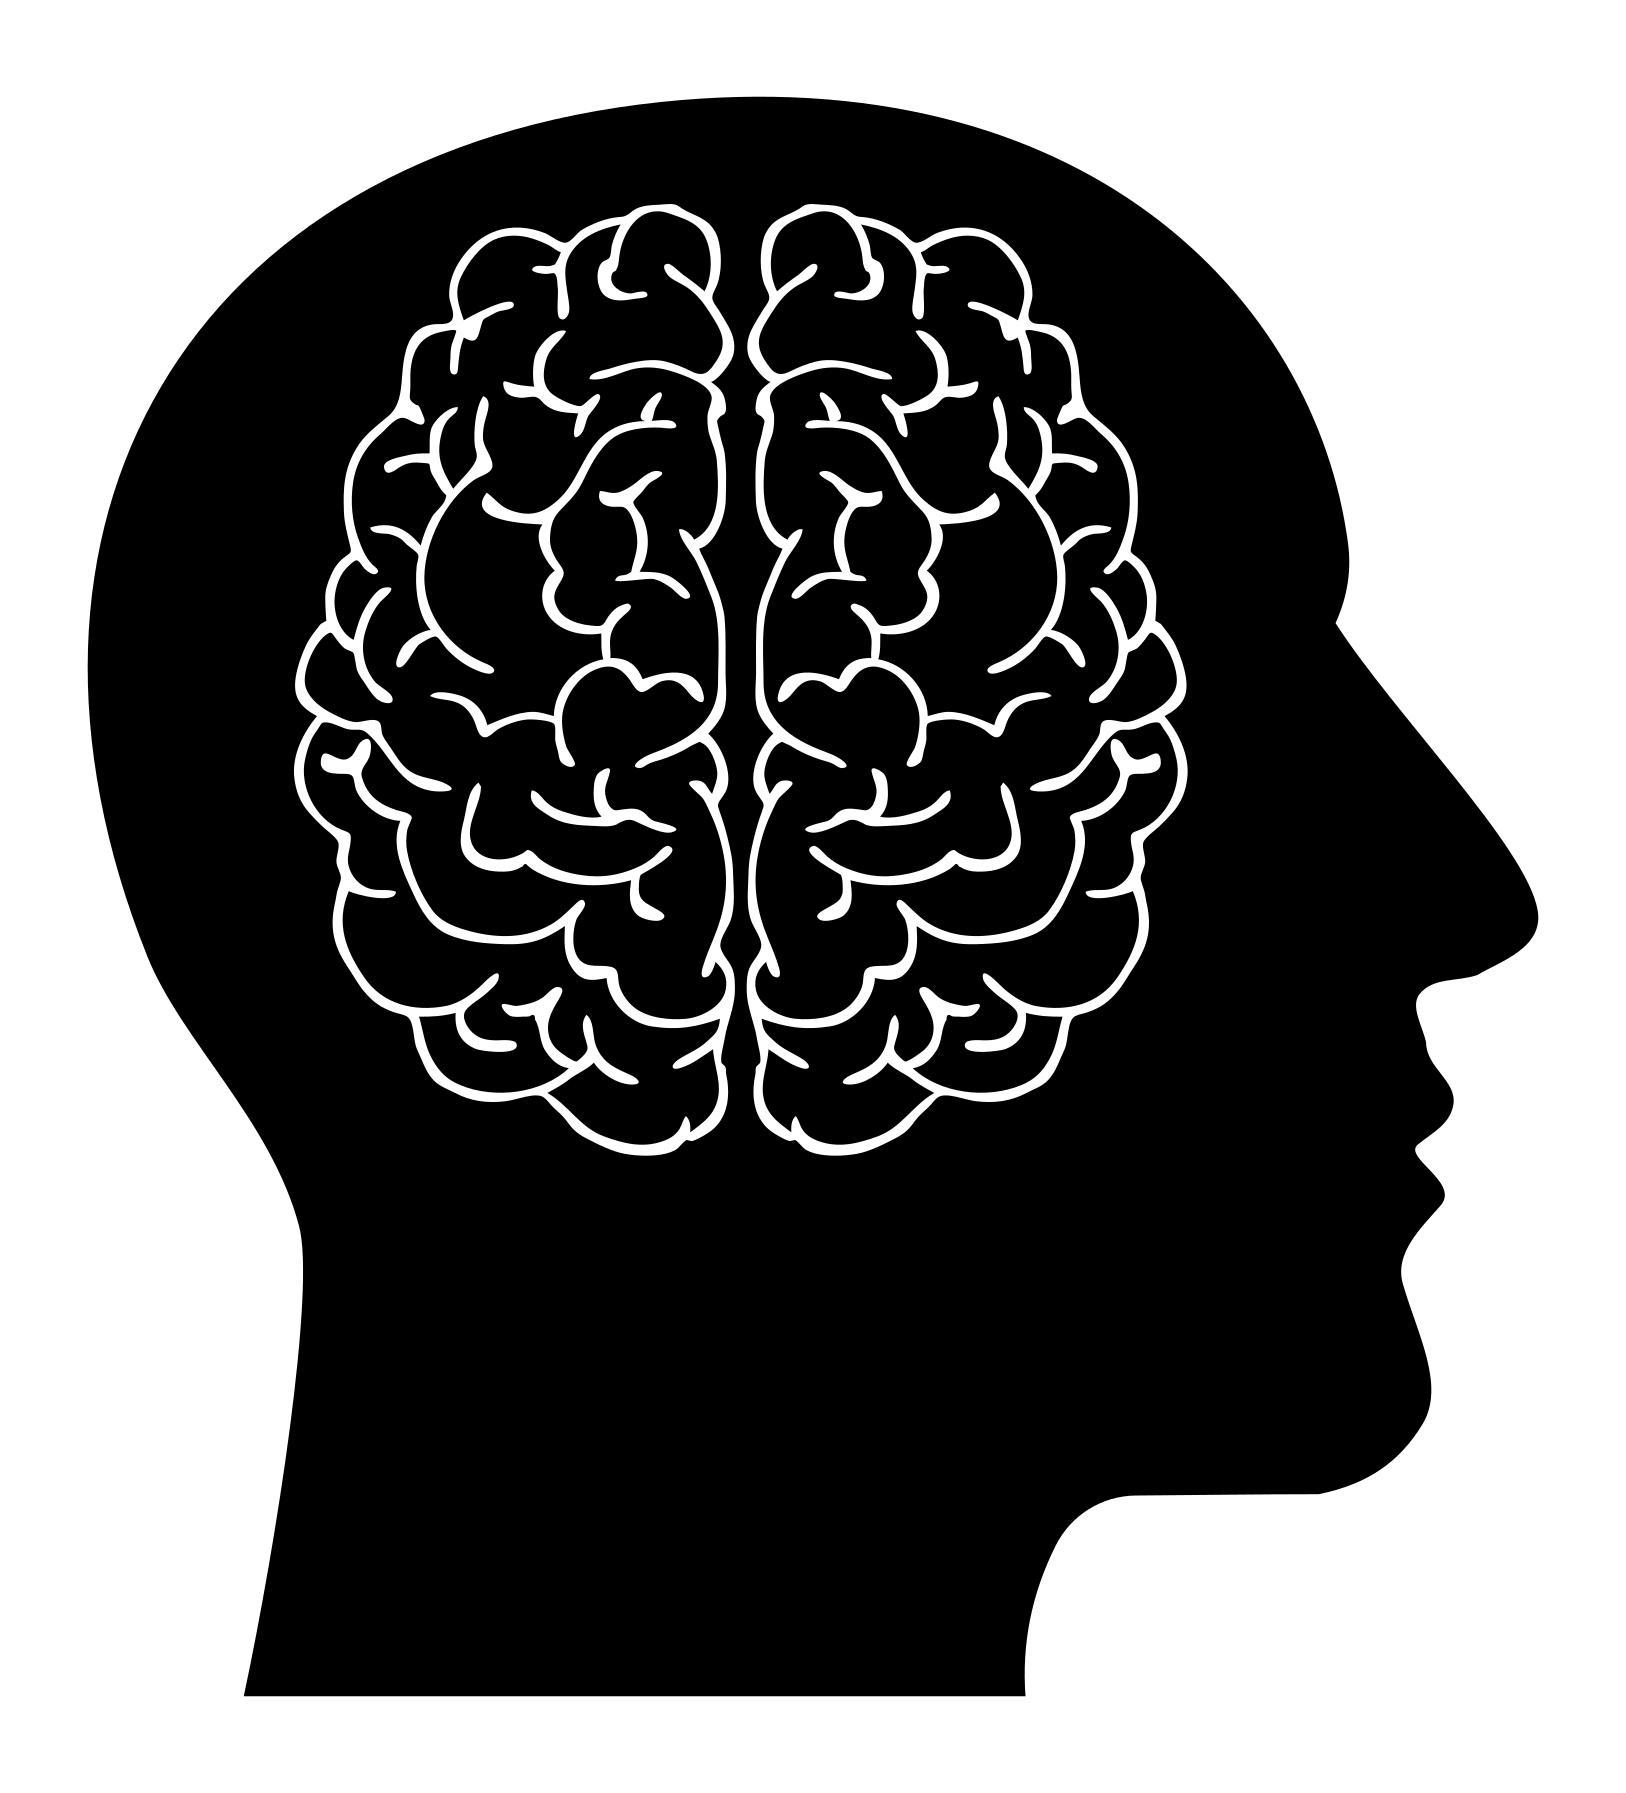 Brain In Man Head.